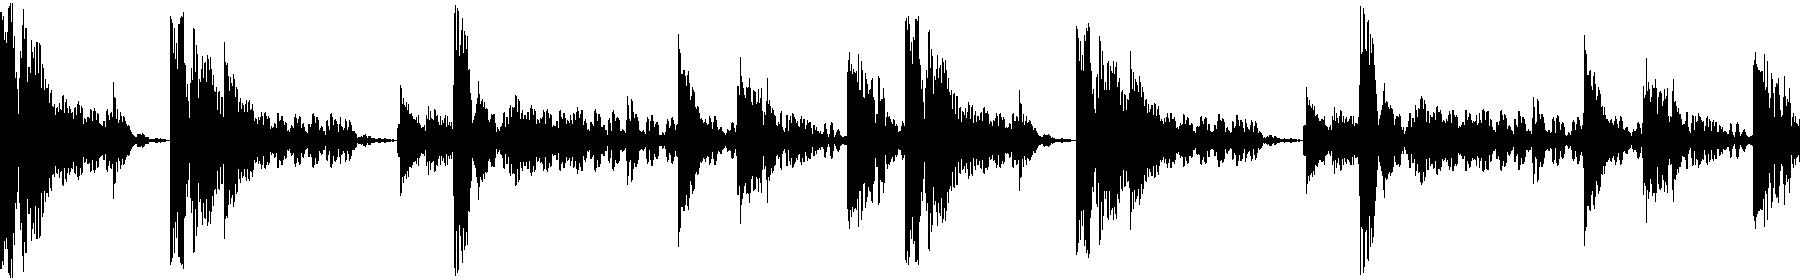 blbc electrodrums 95 01